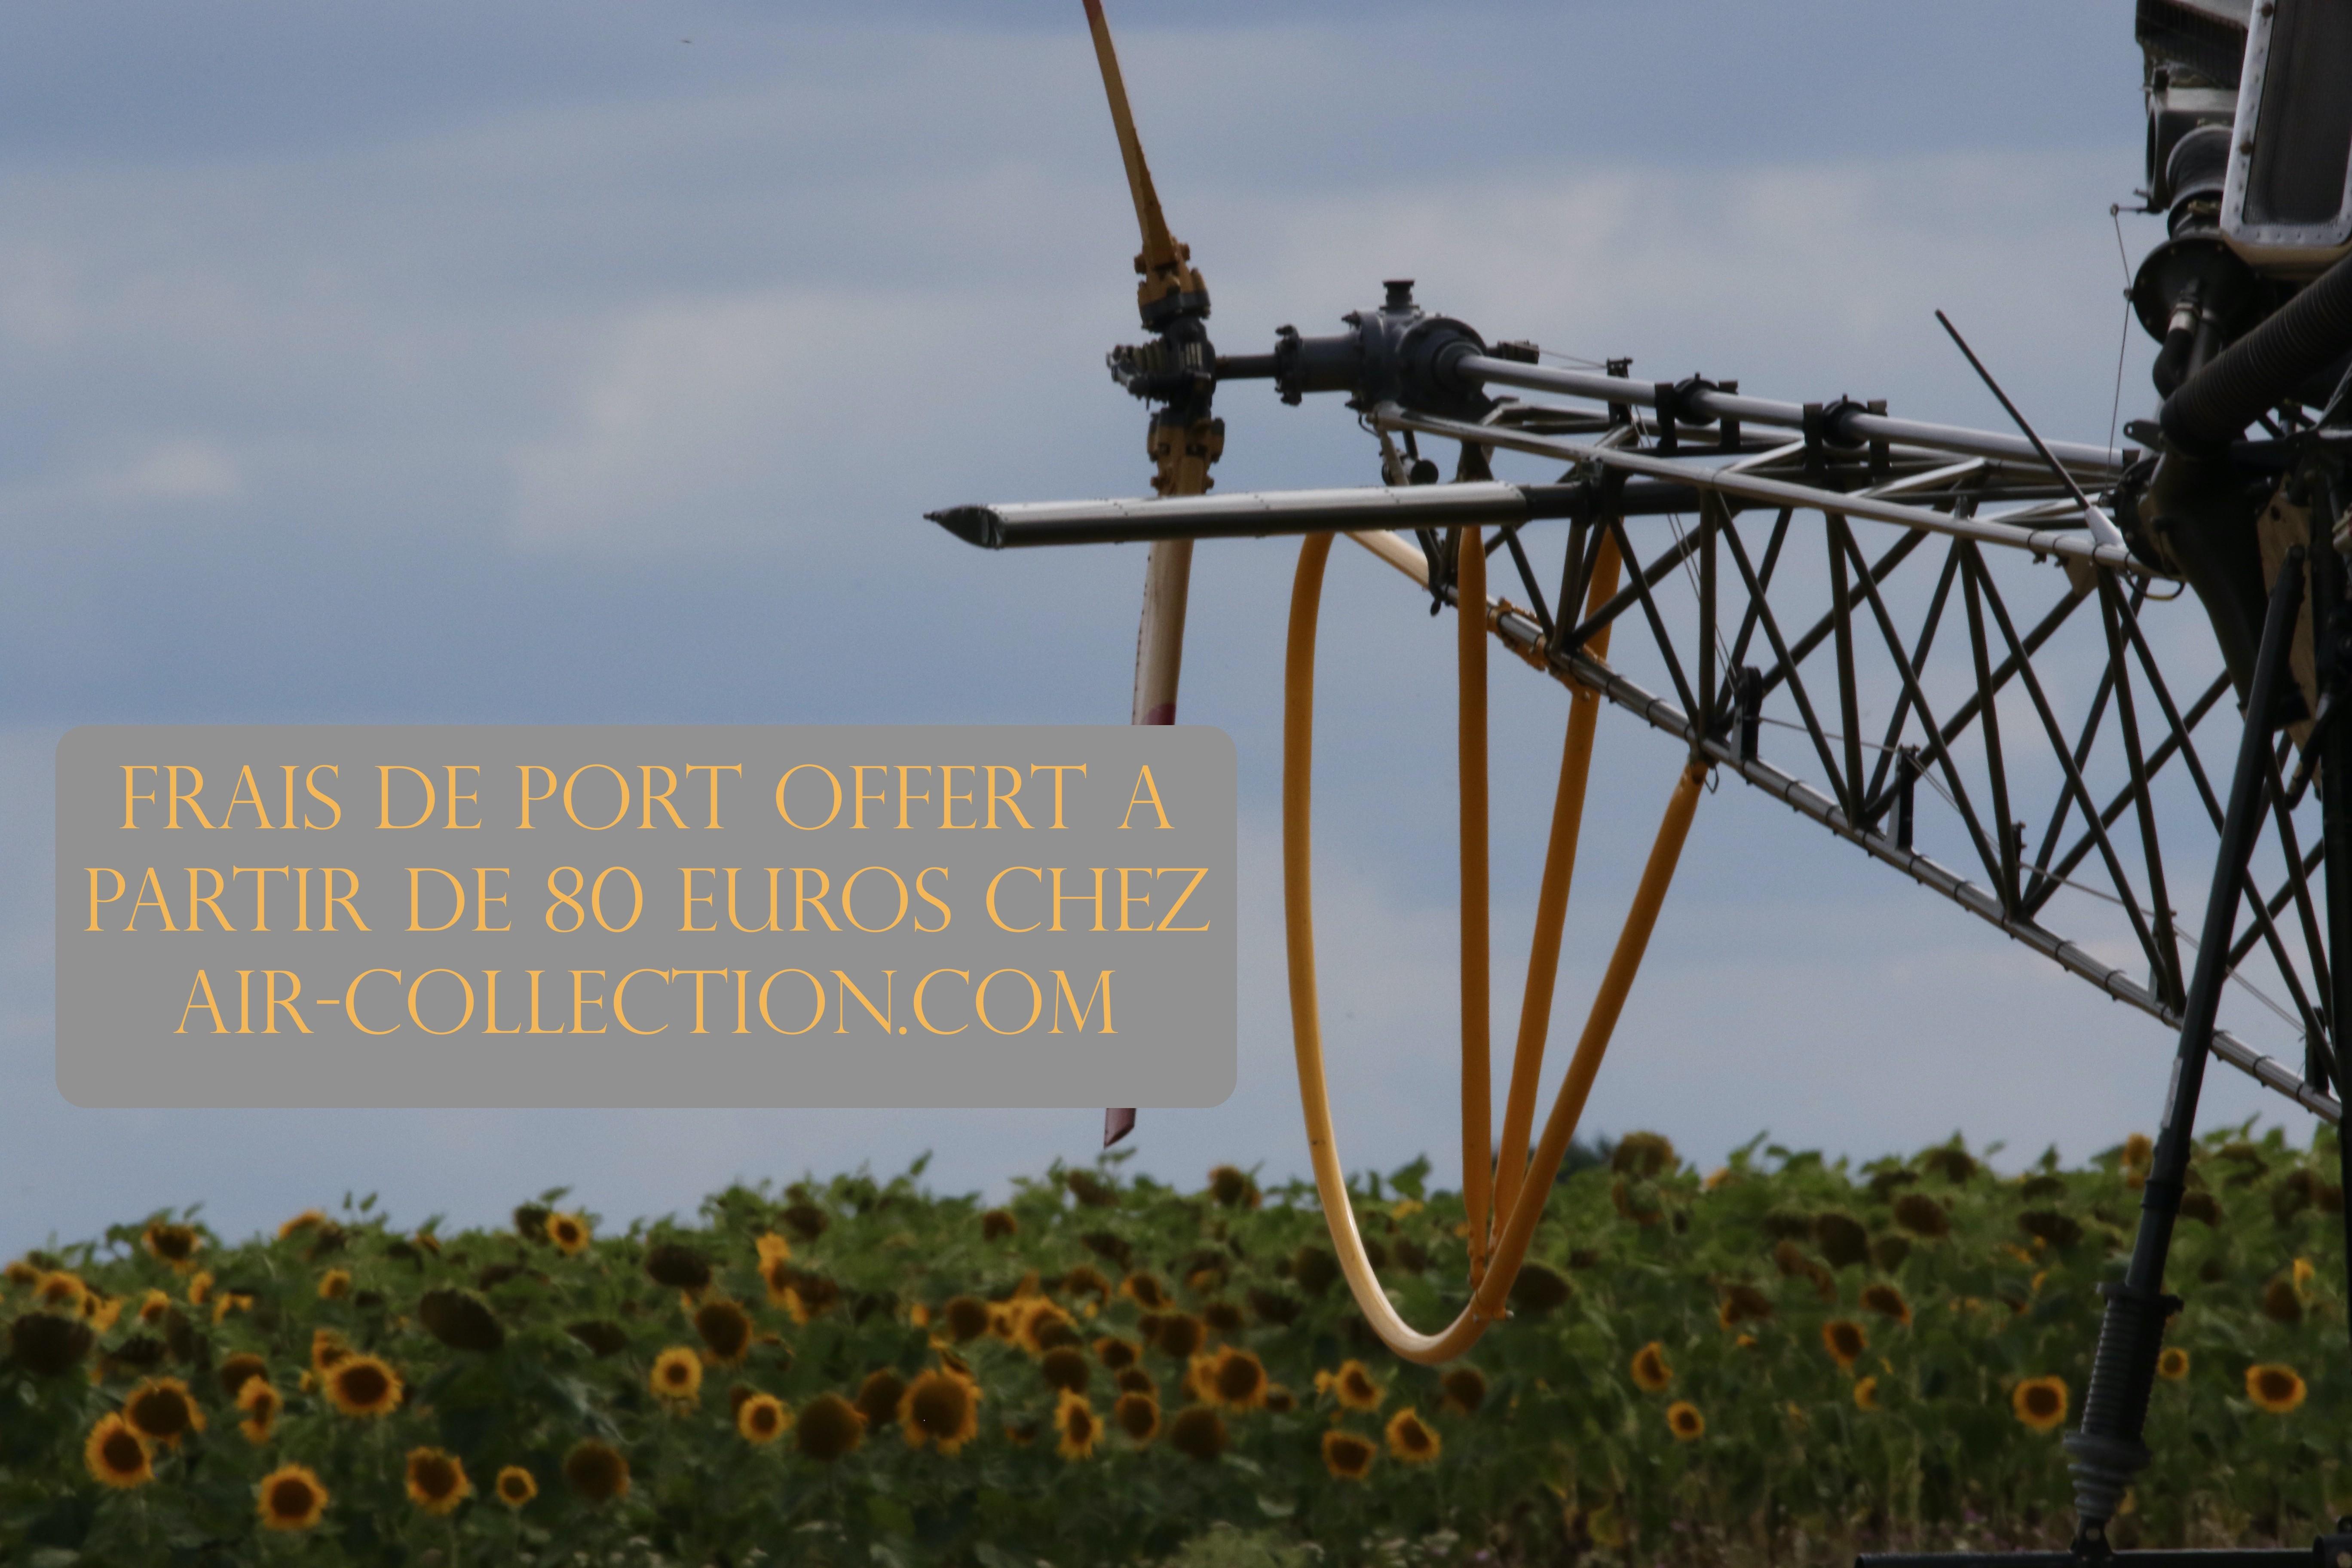 Frais de port offert chez air-collection.com